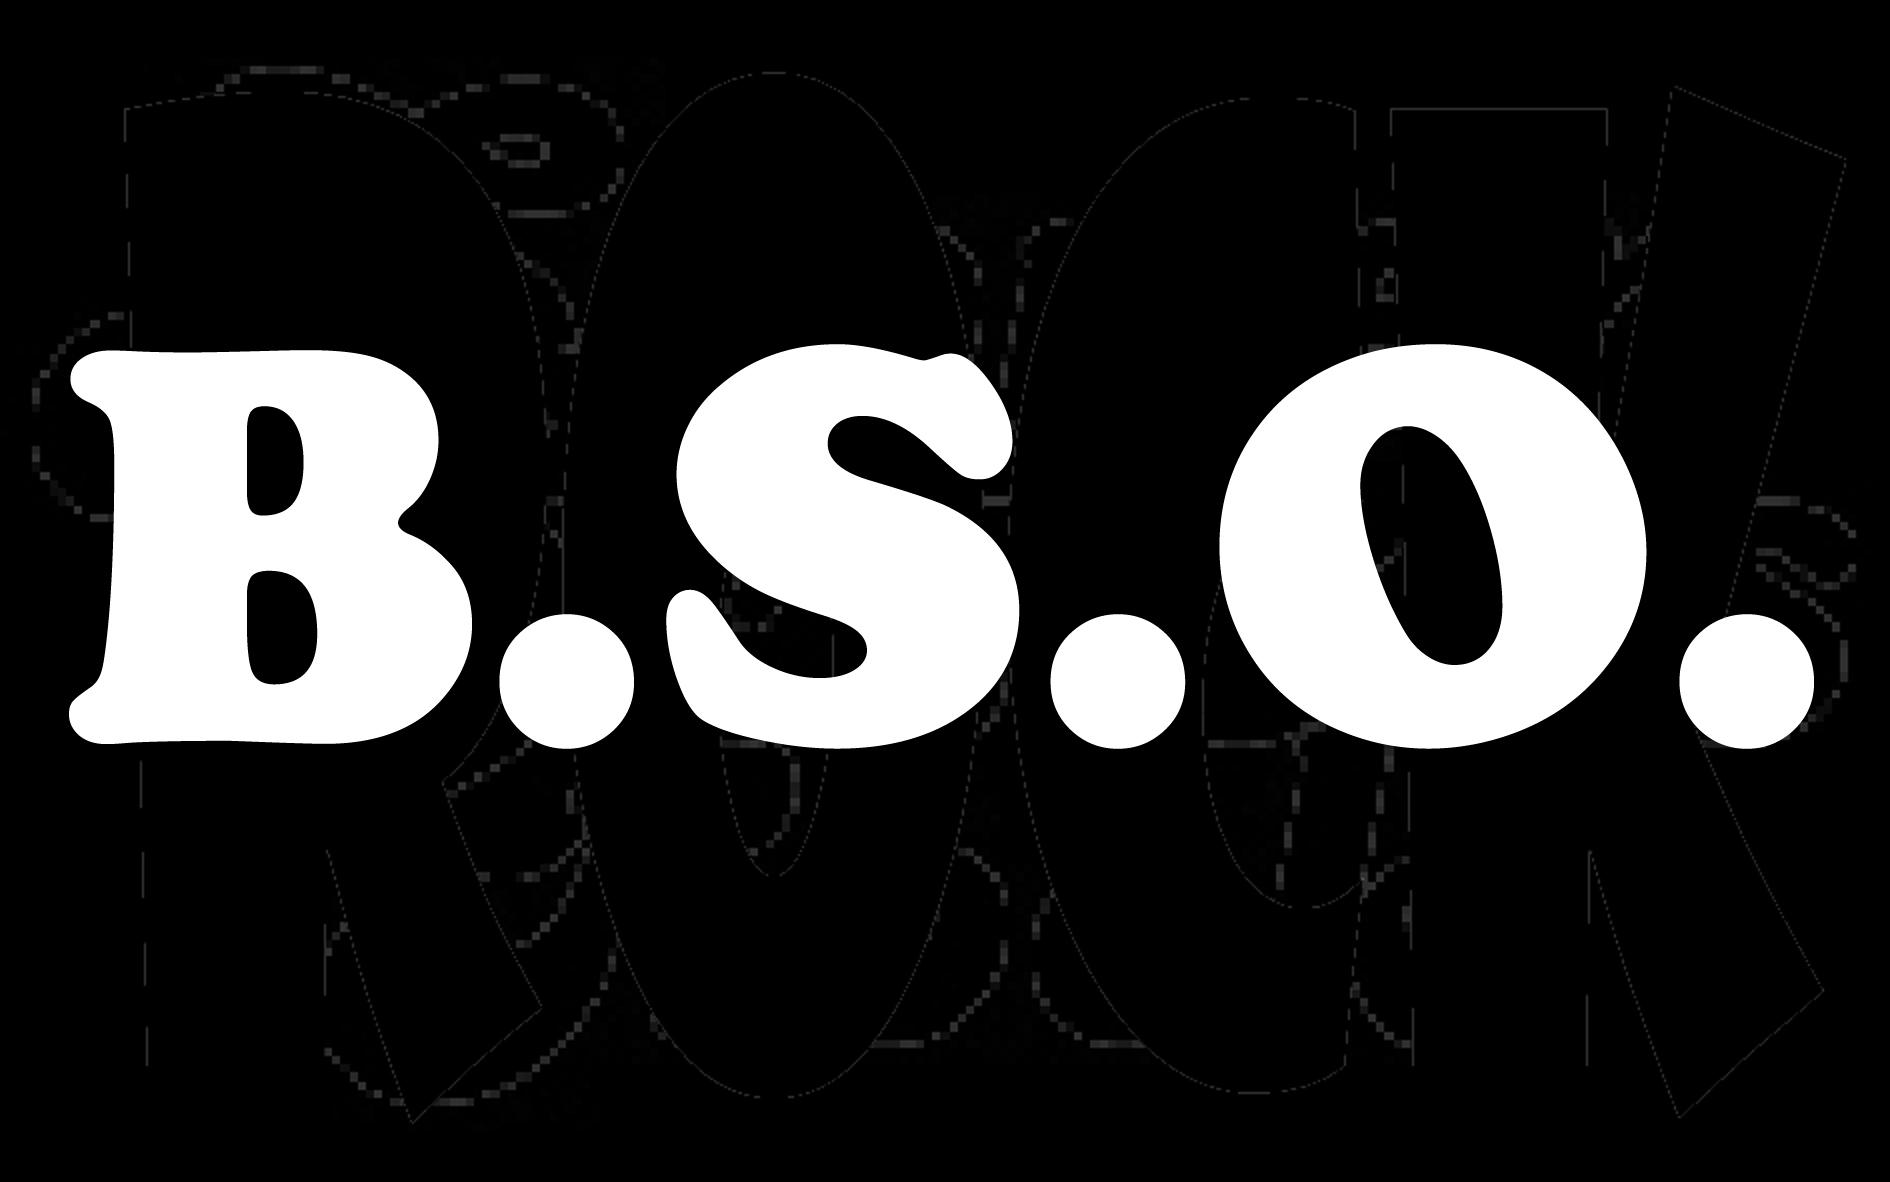 ¿Las B.S.O.? ¿Hay de eso en el cine? Track 2 | Bullicius: https://bullicius.wordpress.com/2011/02/26/%C2%BFlas-b-s-o-%C2%BFhay-de-eso-en-el-cine-track-2/